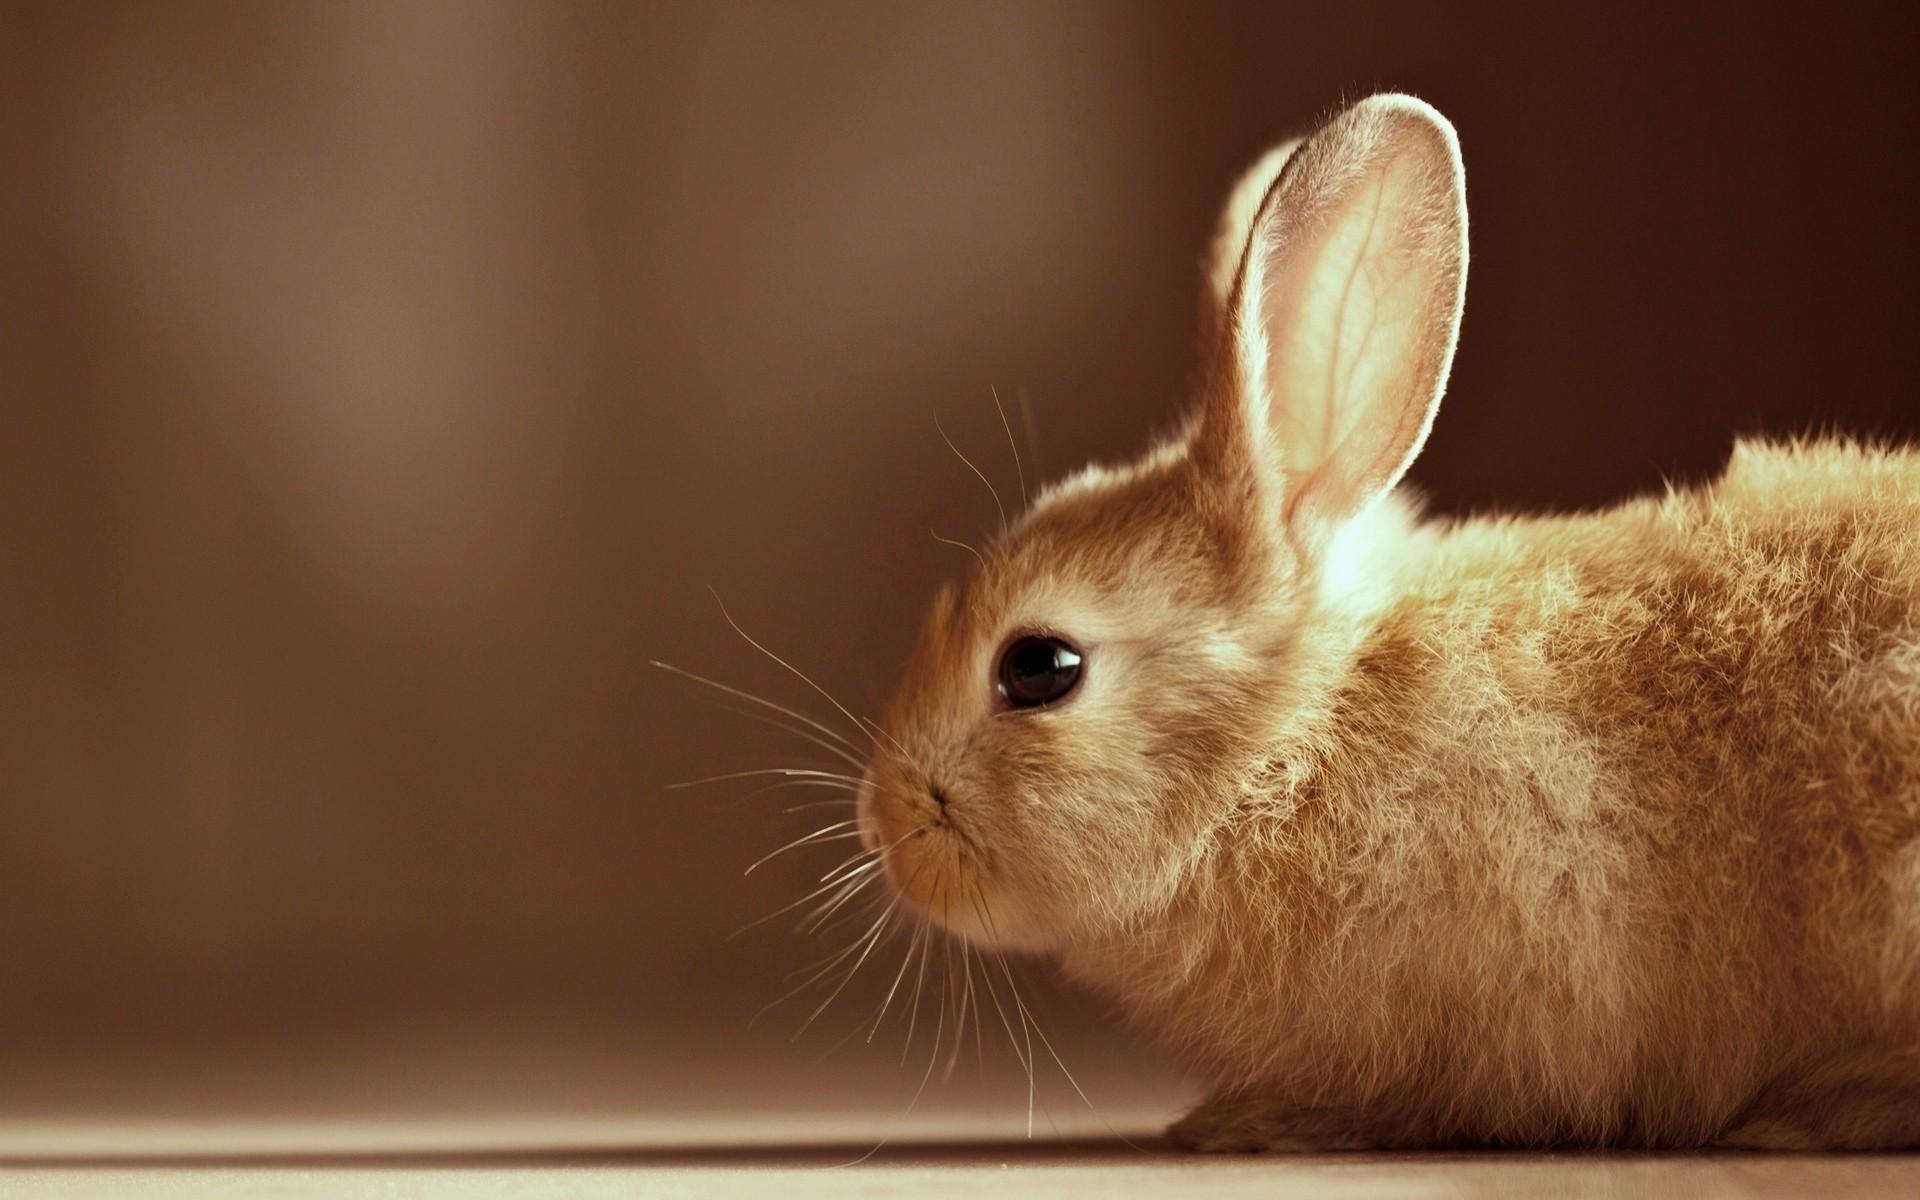 ws_Cute_rabbit_1920x1200